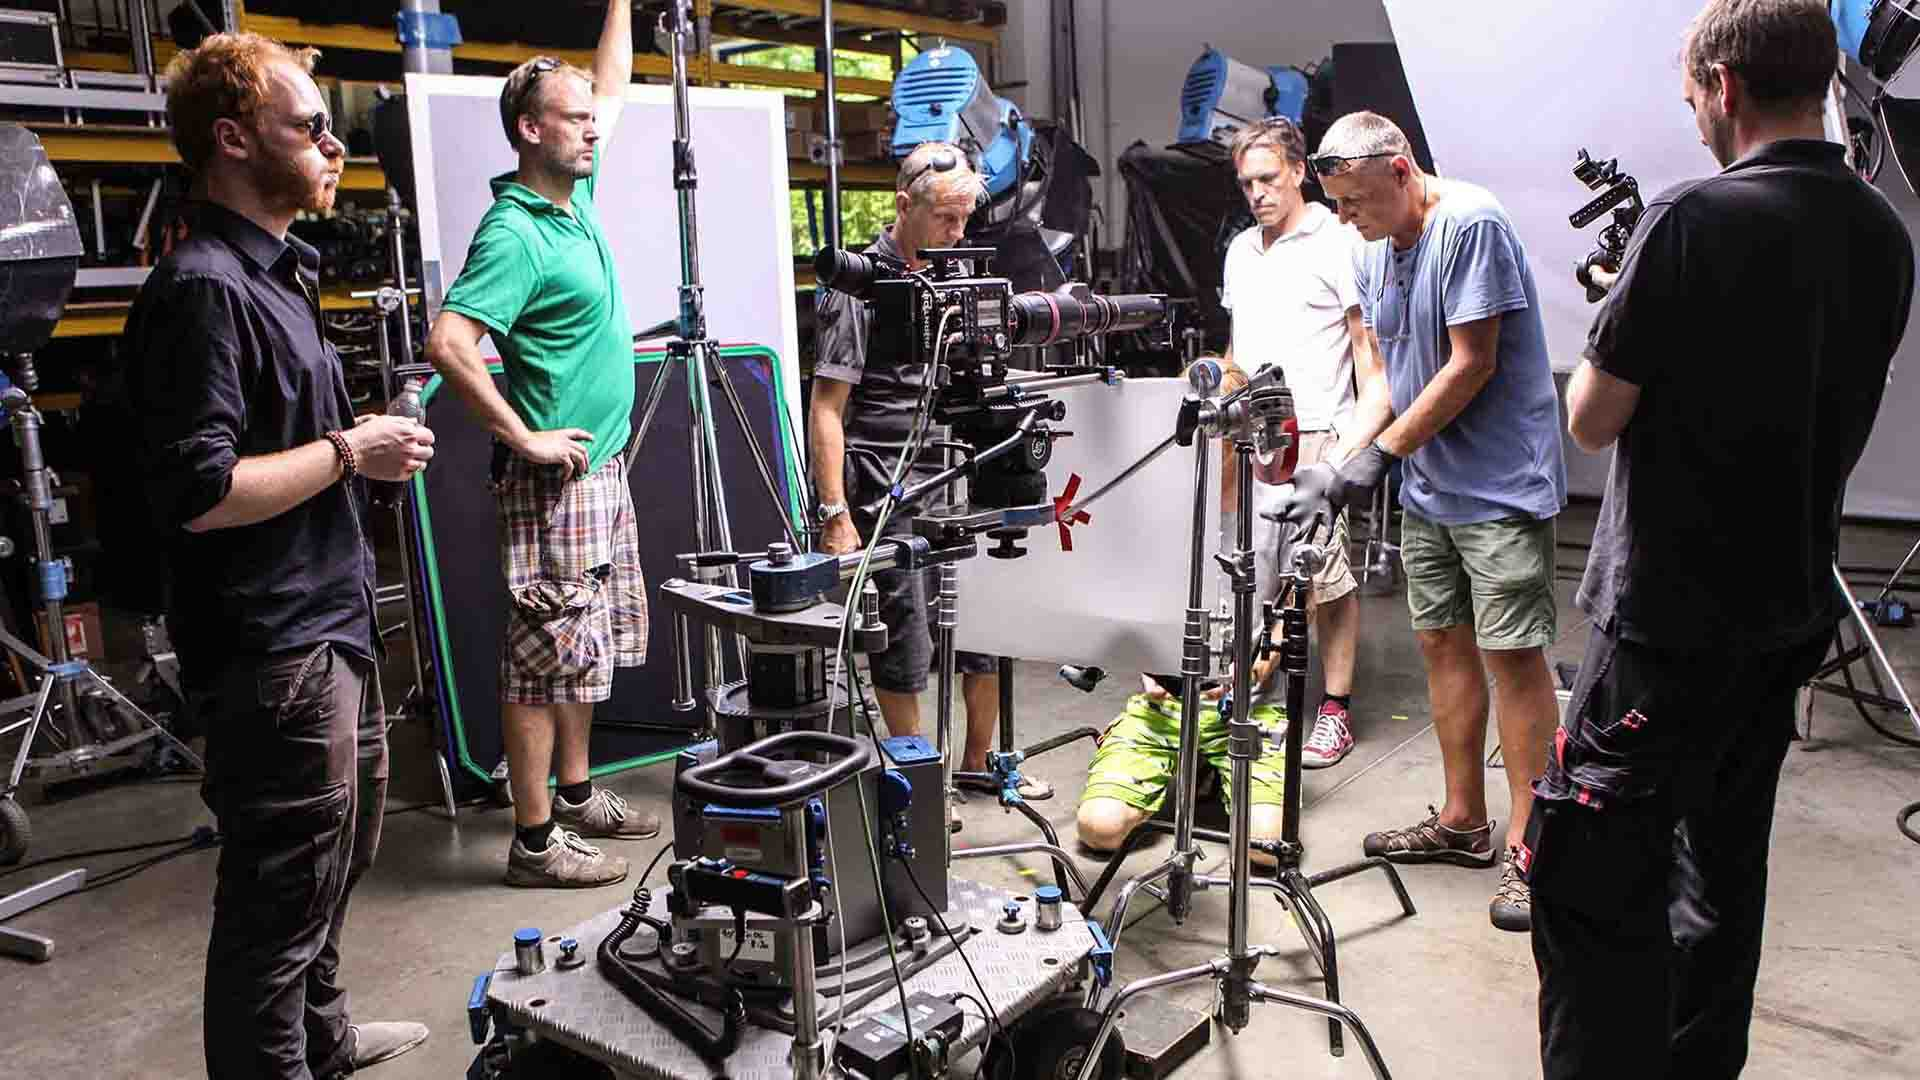 Das Bild zeigt einen Kreis aus Männern. Es sind sechs Stück insgesamt. Sie stehen um verschiedenes Kamerazubehör herum. Ein Mann, der auf der rechten Seite steht, filmt. Das Bild dient als Sliderbild für den Portfolioeintrag BMW / MINI Engine Oil Highspeed von Panda Pictures.